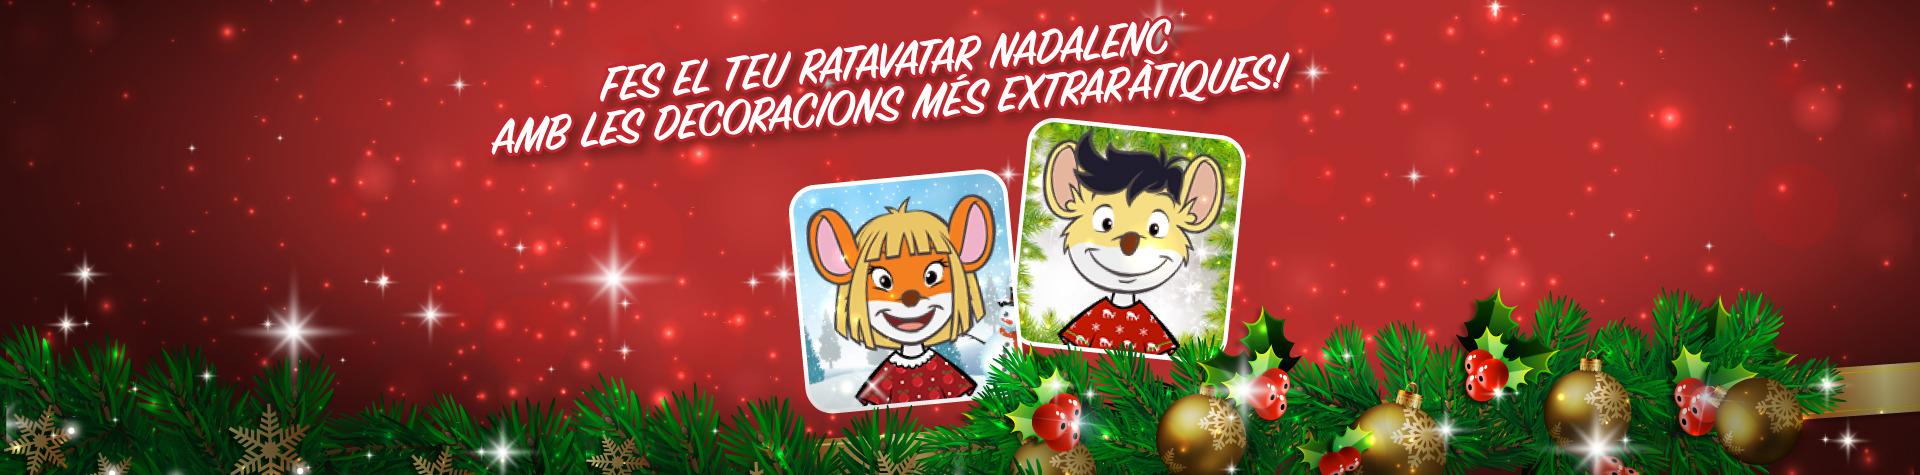 Fes-te el teu nou ratavatar de Nadal i descobreix les noves ratmoticones!